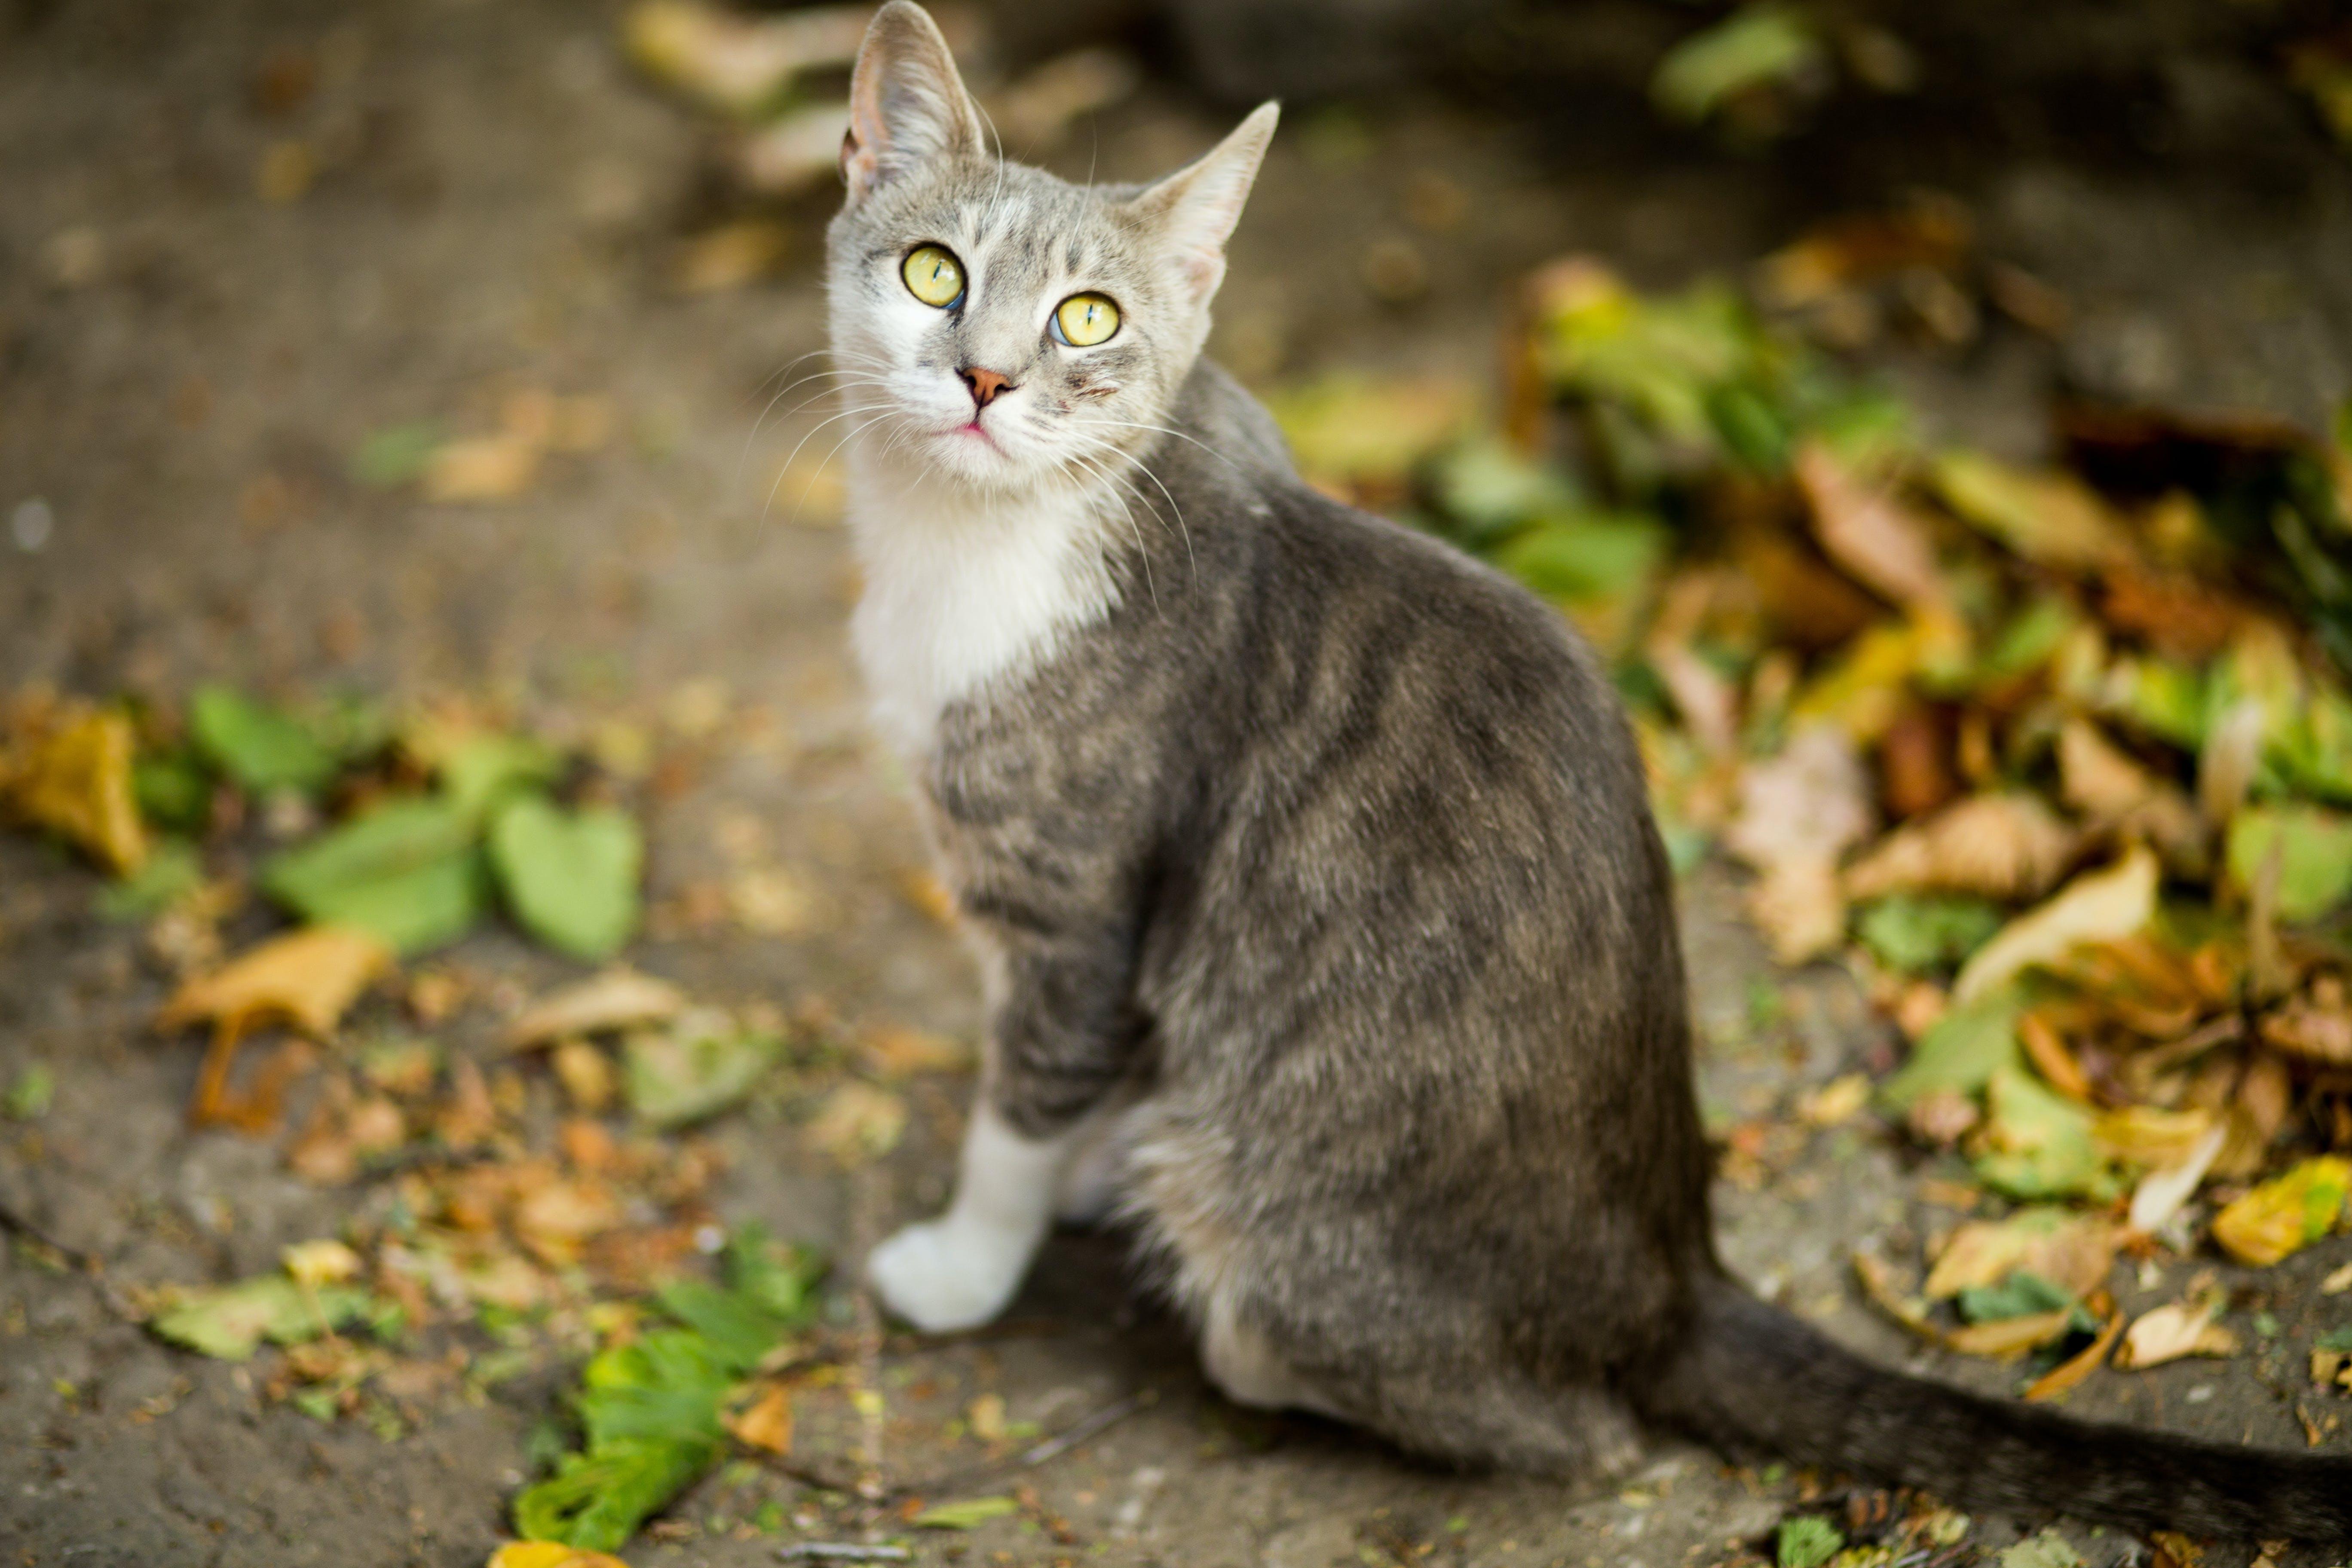 ぶち, キティ, グレー, ペットの無料の写真素材